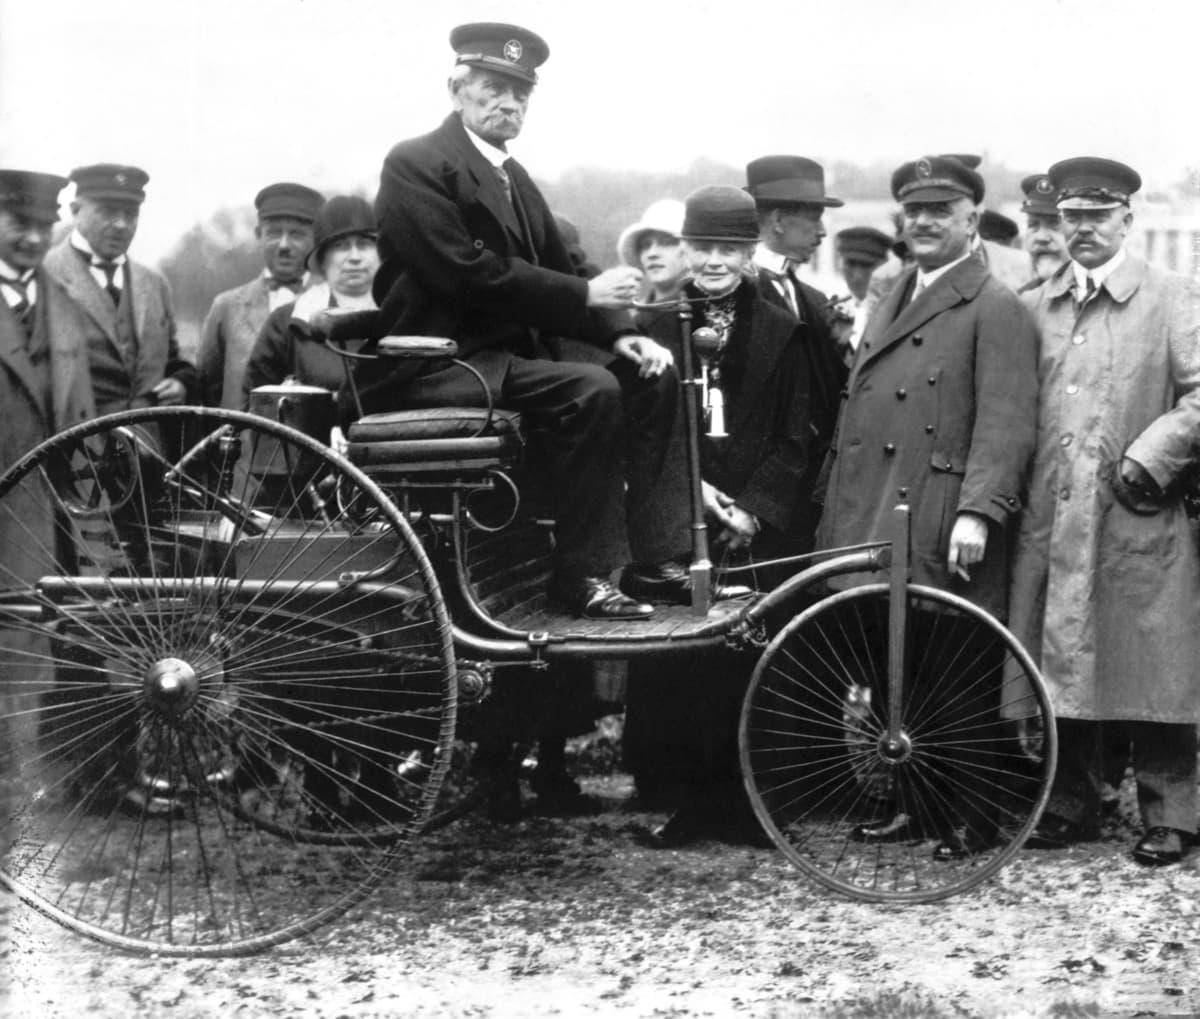 なんと100年前から存在した! ハイブリッド車と電気自動車がもつ「これからの」可能性とは